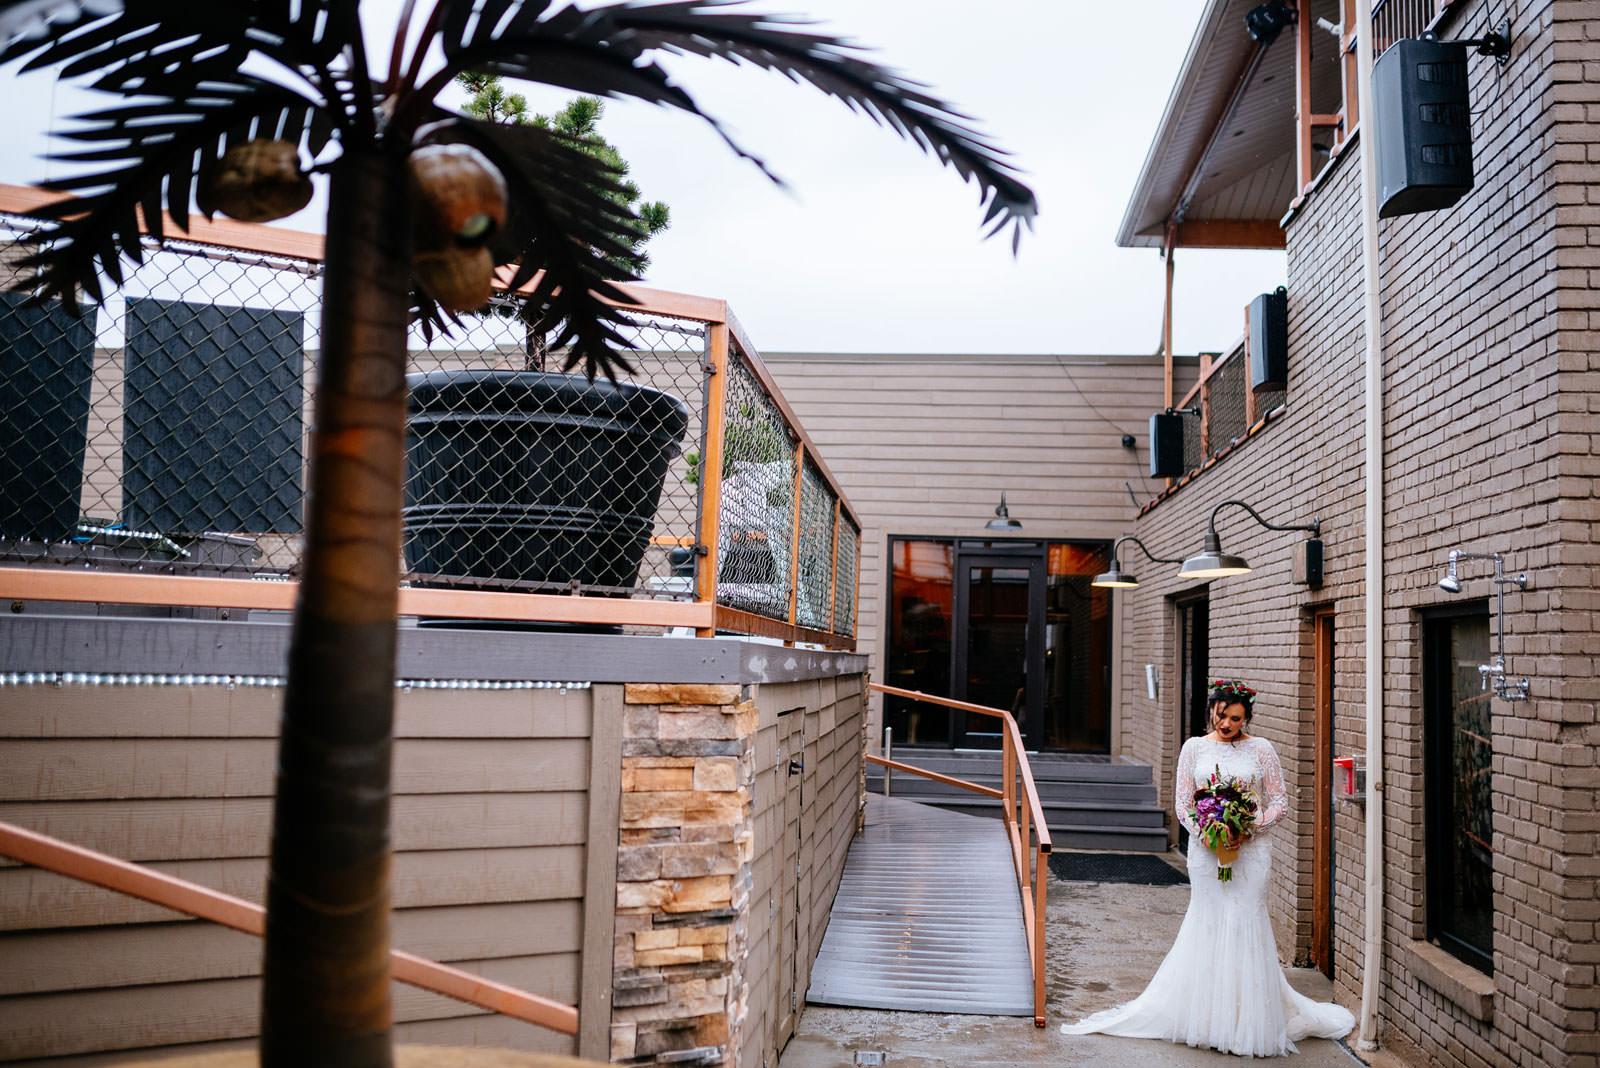 bride getting ready to walk down aisle chestnut hotel morgantown wv wedding